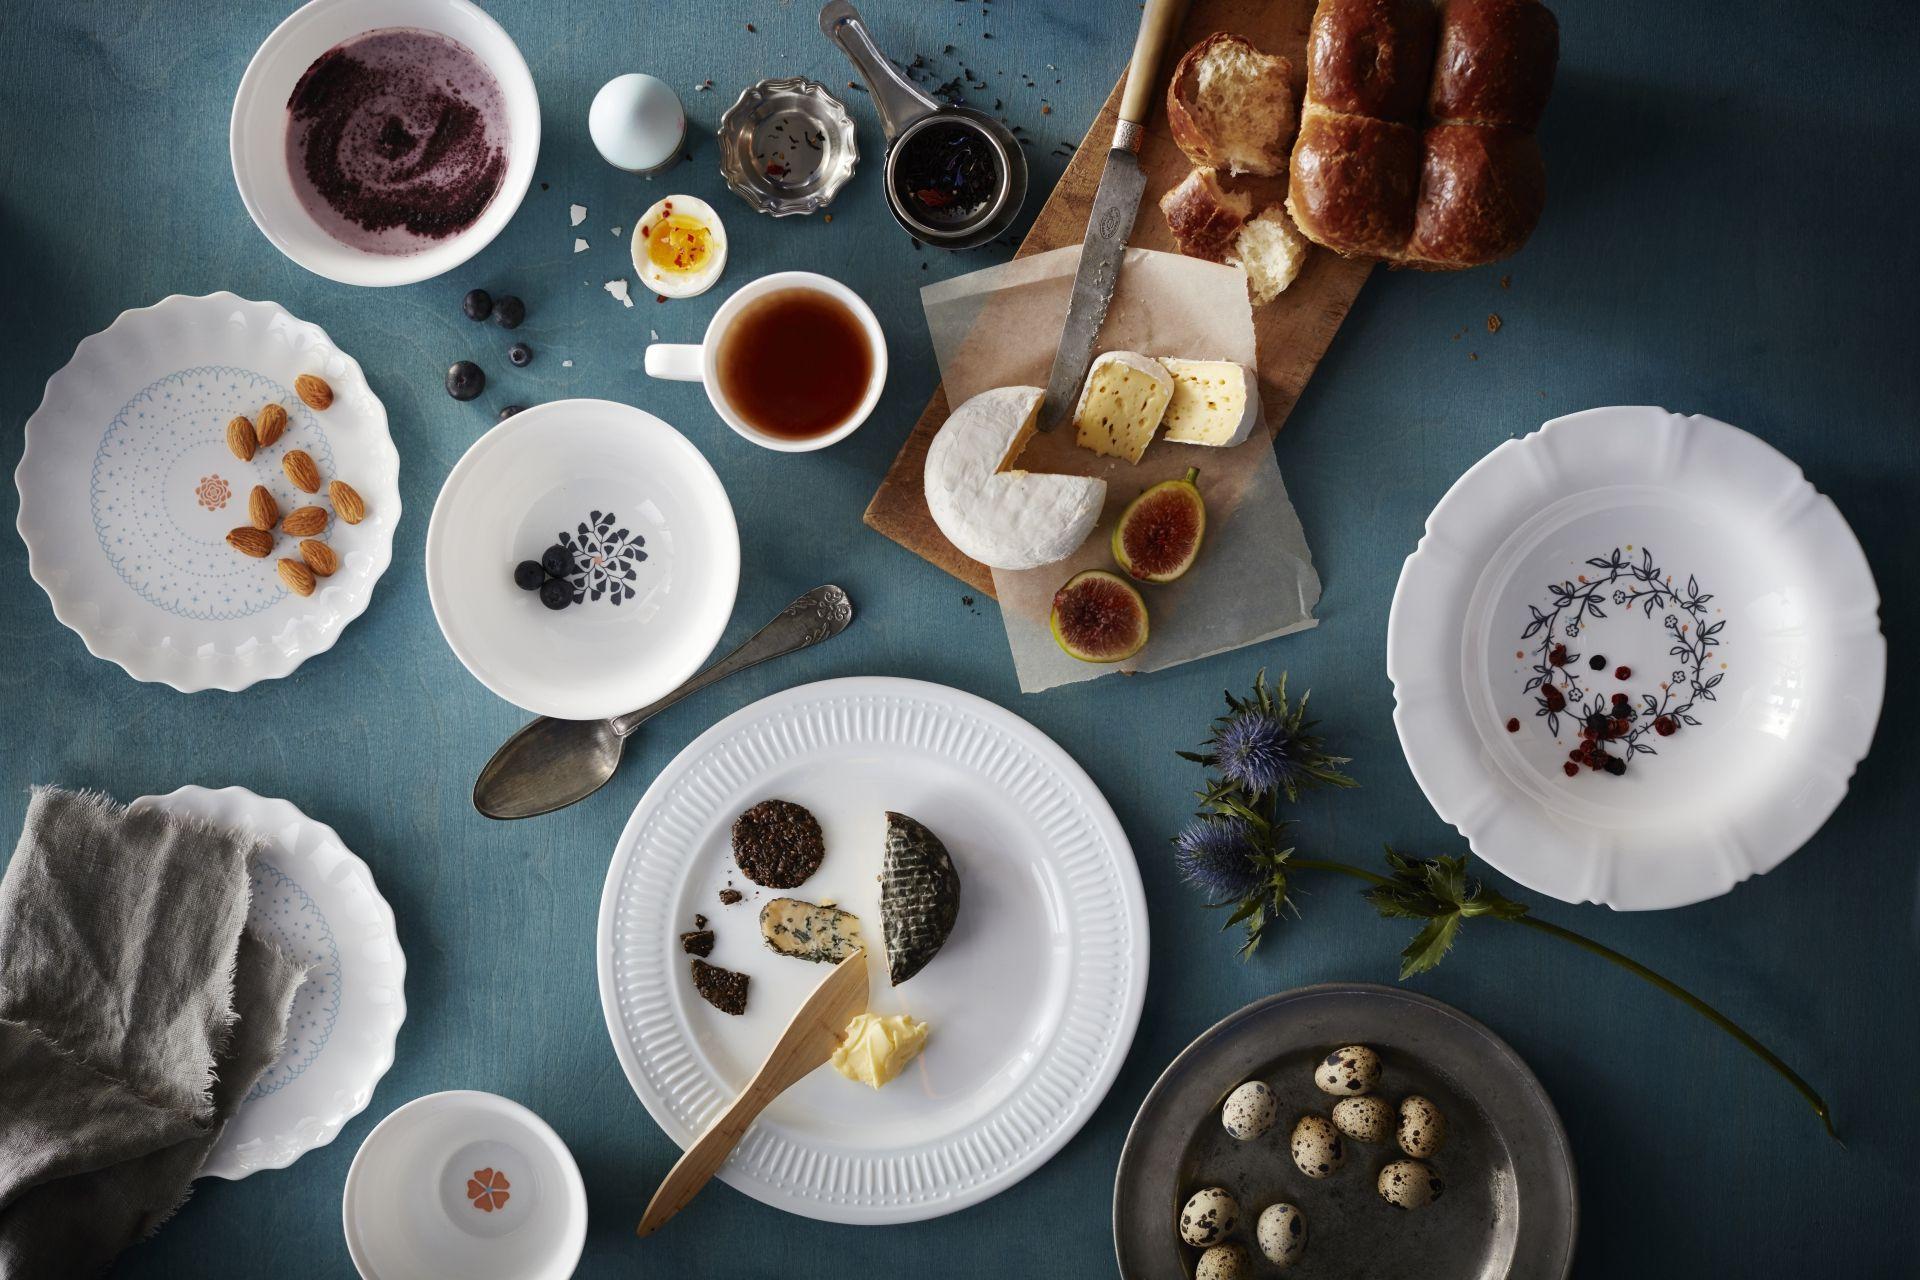 SANNING servies | #IKEA #IKEAnl #nieuw #gehard #slijtvast #zoet #romantisch #stijl #mixen #matchen #materialen #vormen #motieven #bloemen